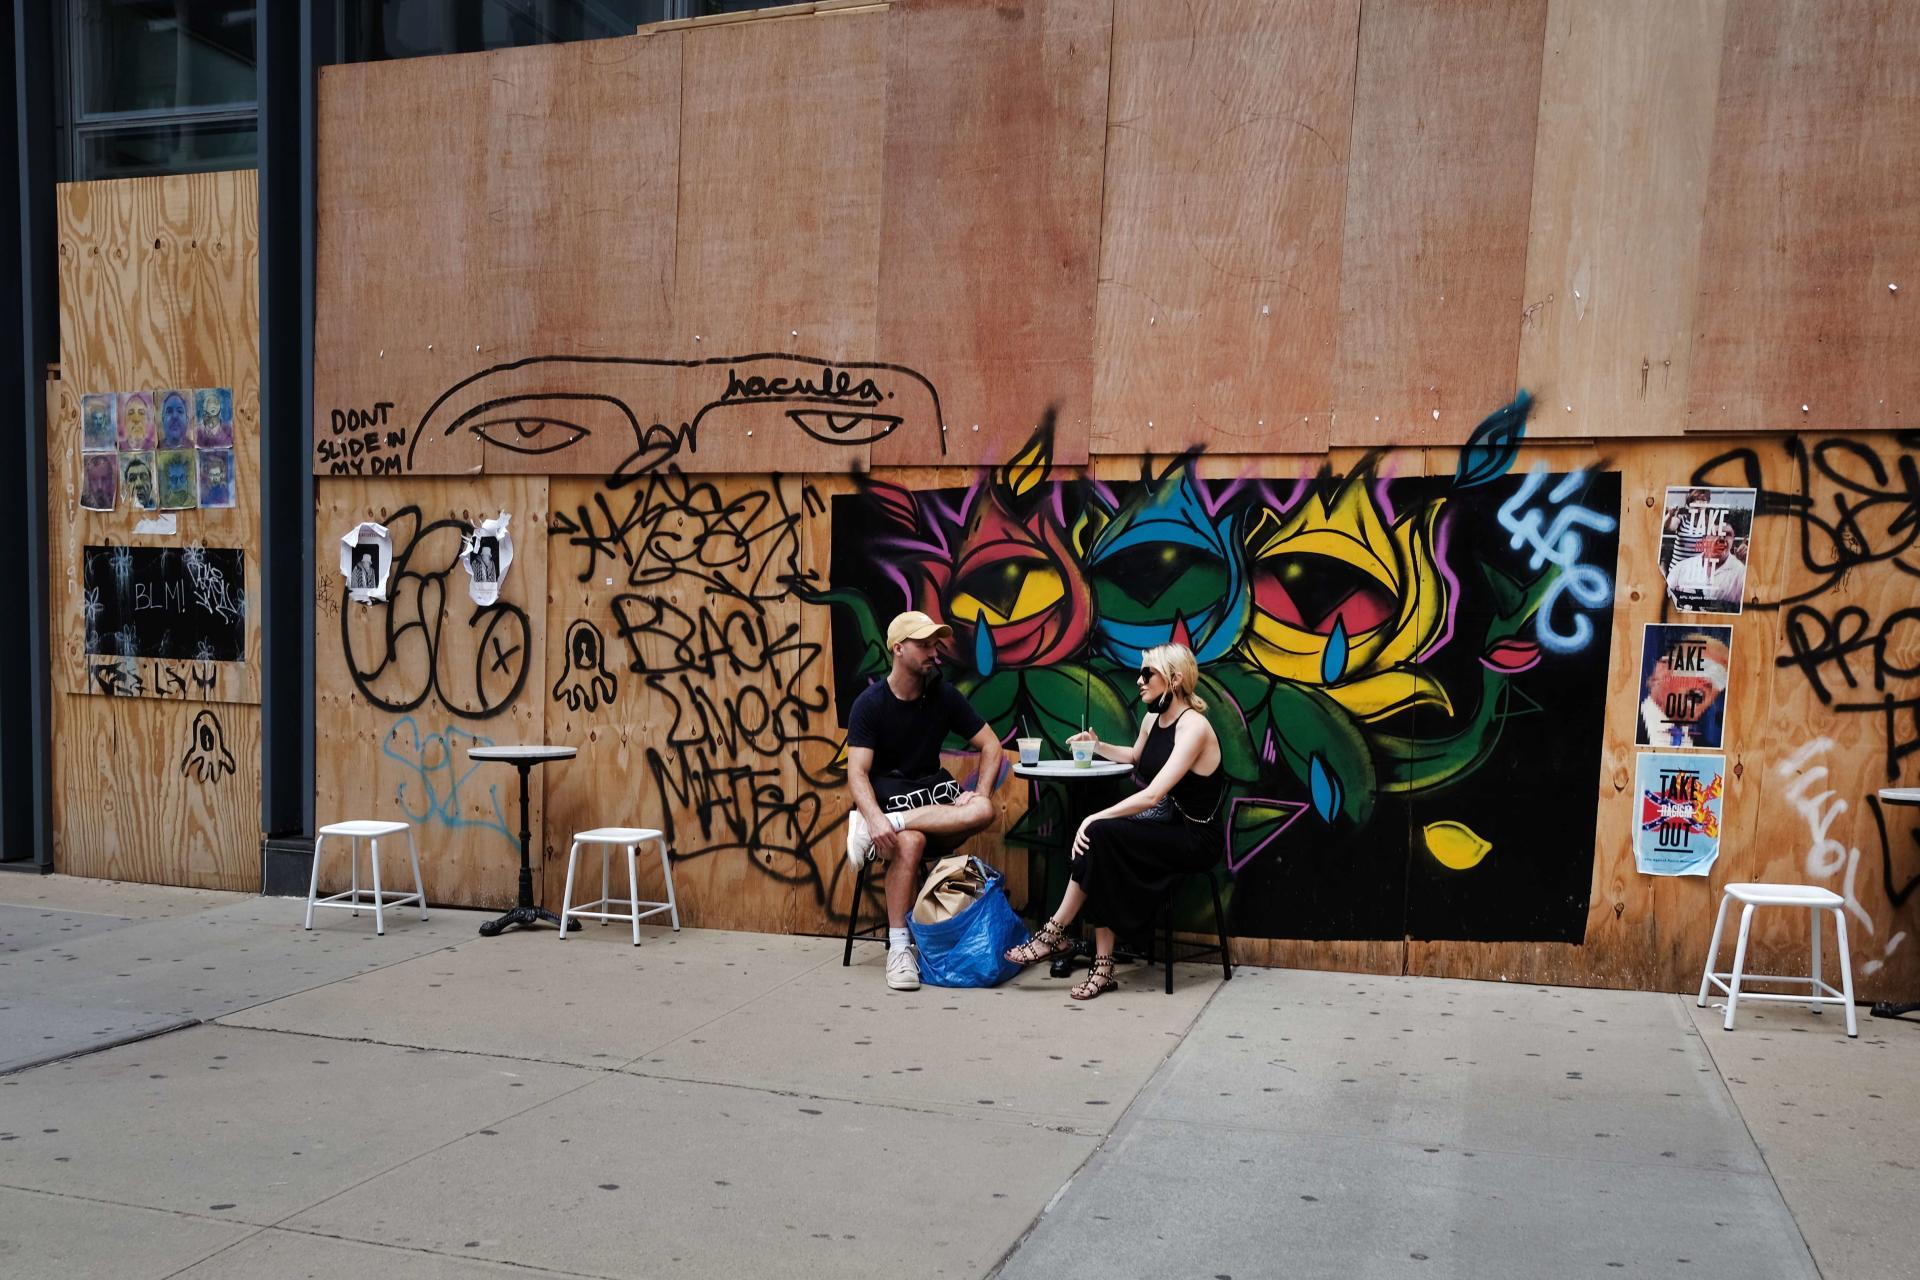 Une terrasse improvisée devant un commerce ayant fermé du fait des mesures prises pour enrayer l'épidémie, à New York, le 12 août.